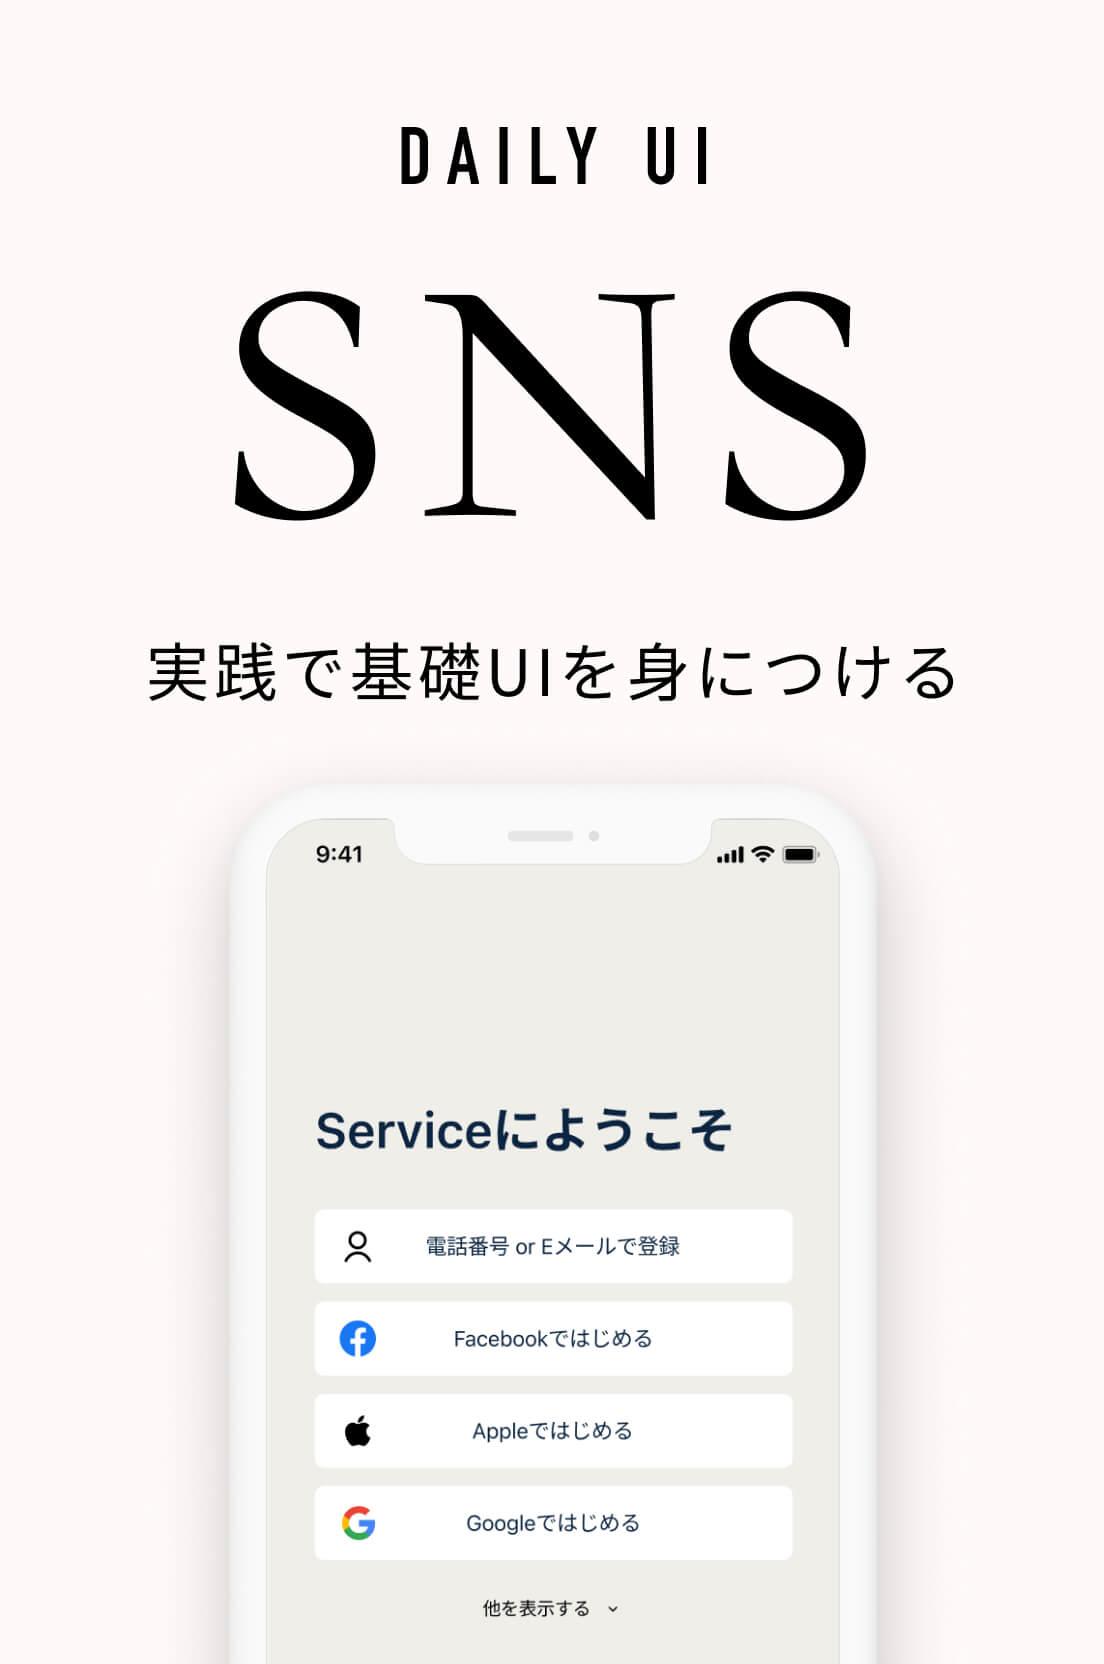 DailyUI SNSアプリ